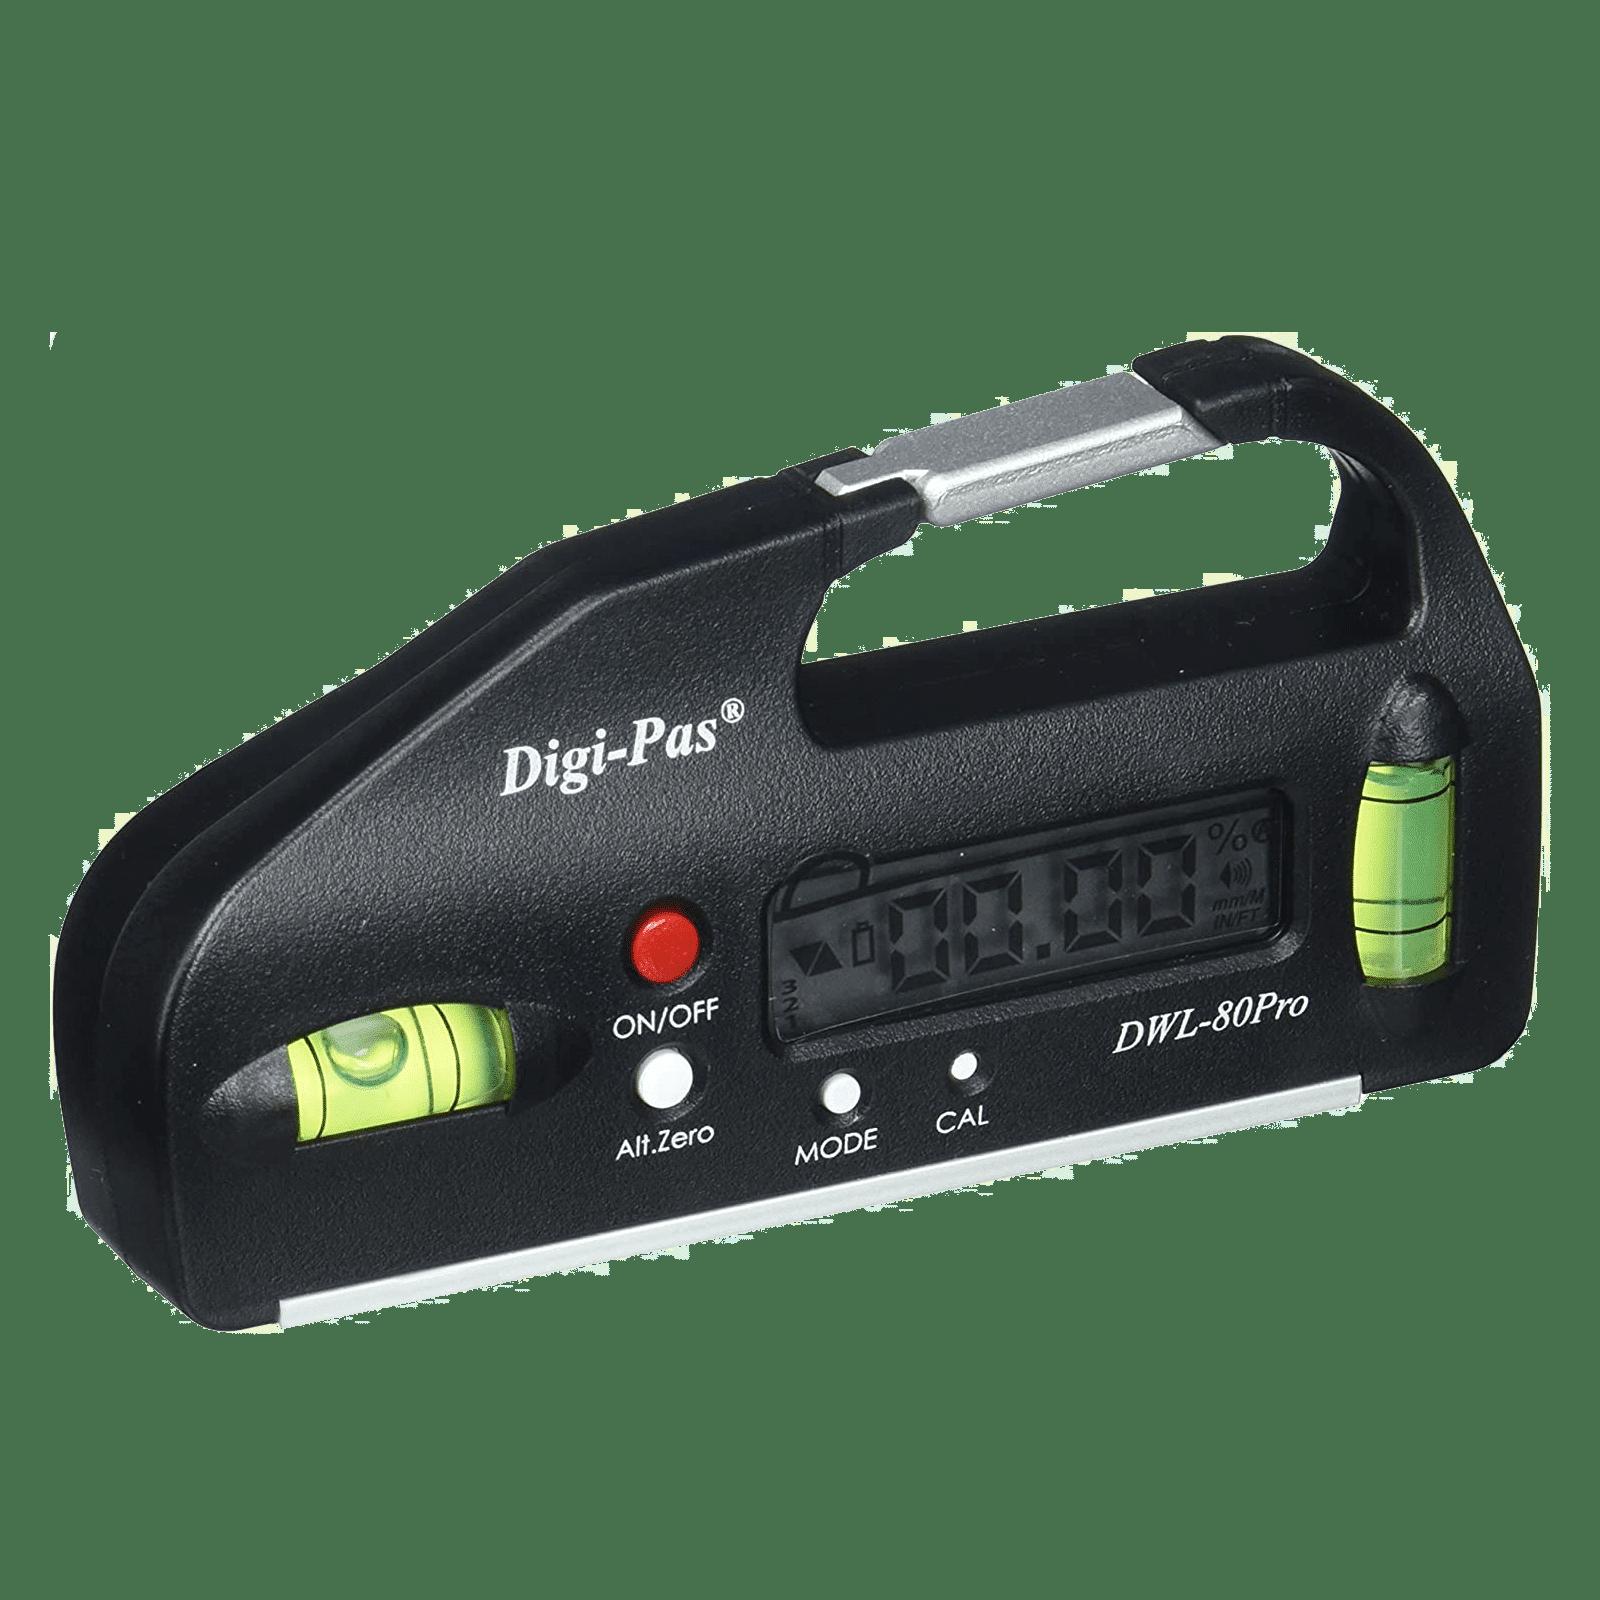 Digi-Pas DWL 80 Pro digitale Wasserwaage